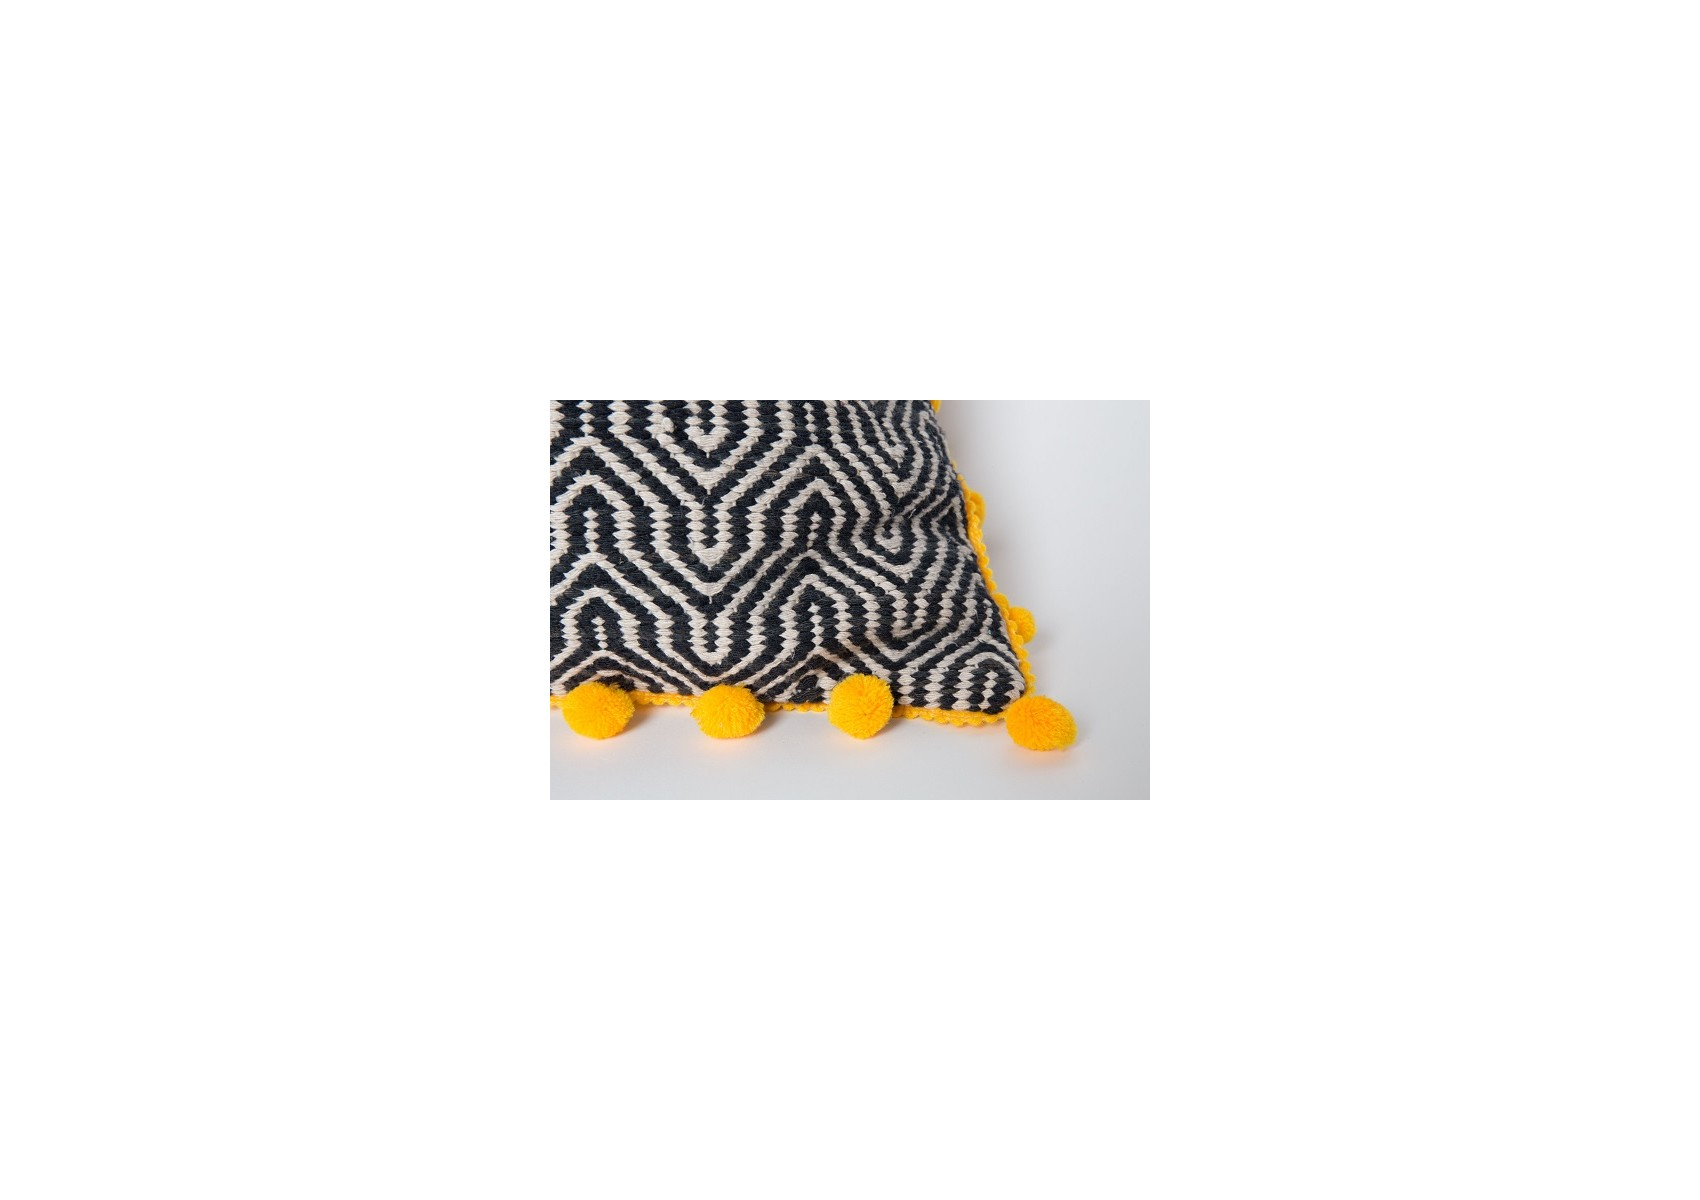 coussin design de la collection ziggy de chez zuiver. Black Bedroom Furniture Sets. Home Design Ideas